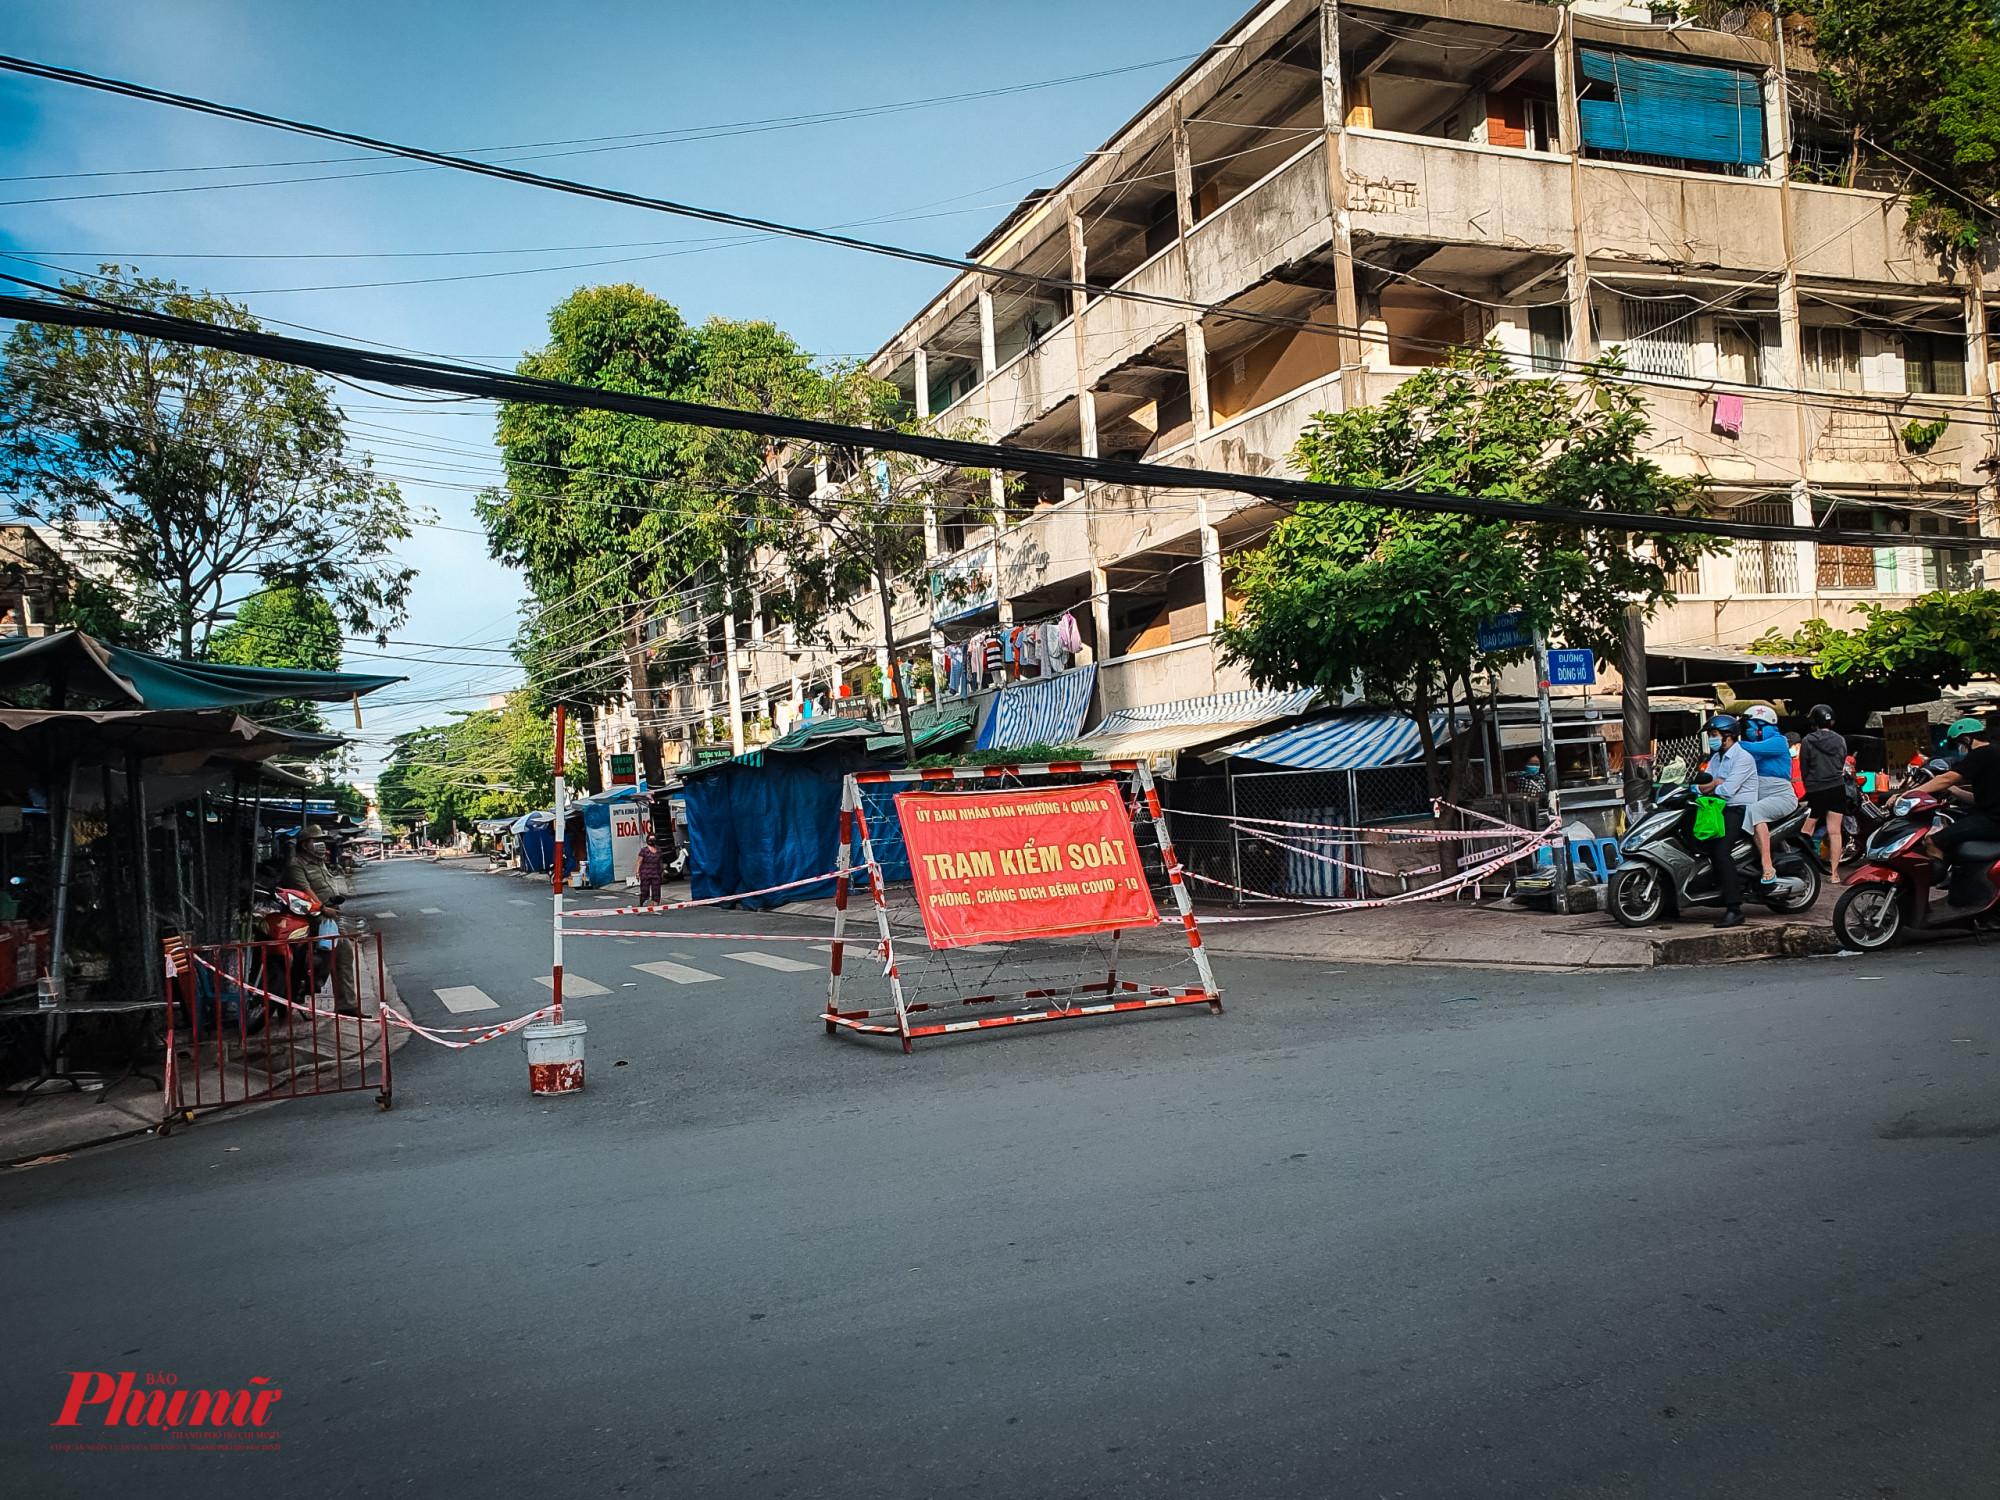 Các hướng vào chợ Phạm Thế Hiển bị phong tỏa khiến nhiều người dân hoang mang